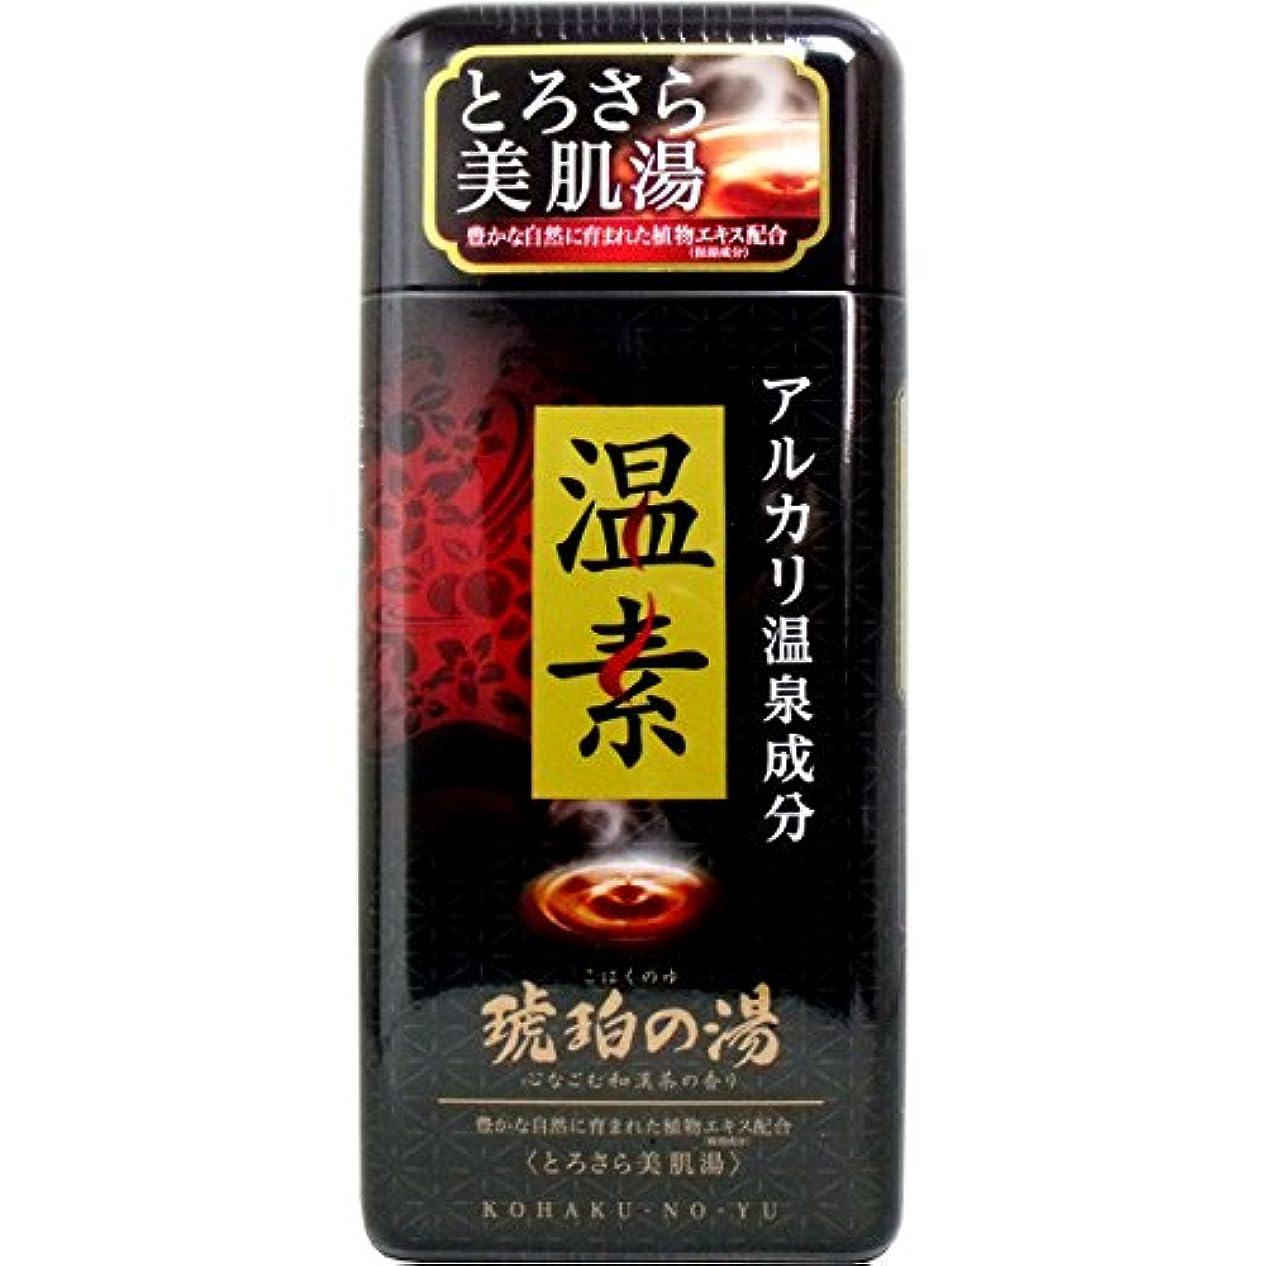 入浴剤 とろさら美肌湯 リラックス用品 アルカリ温泉成分 温素 入浴剤 琥珀の湯 和漢茶の香り 600g入【3個セット】